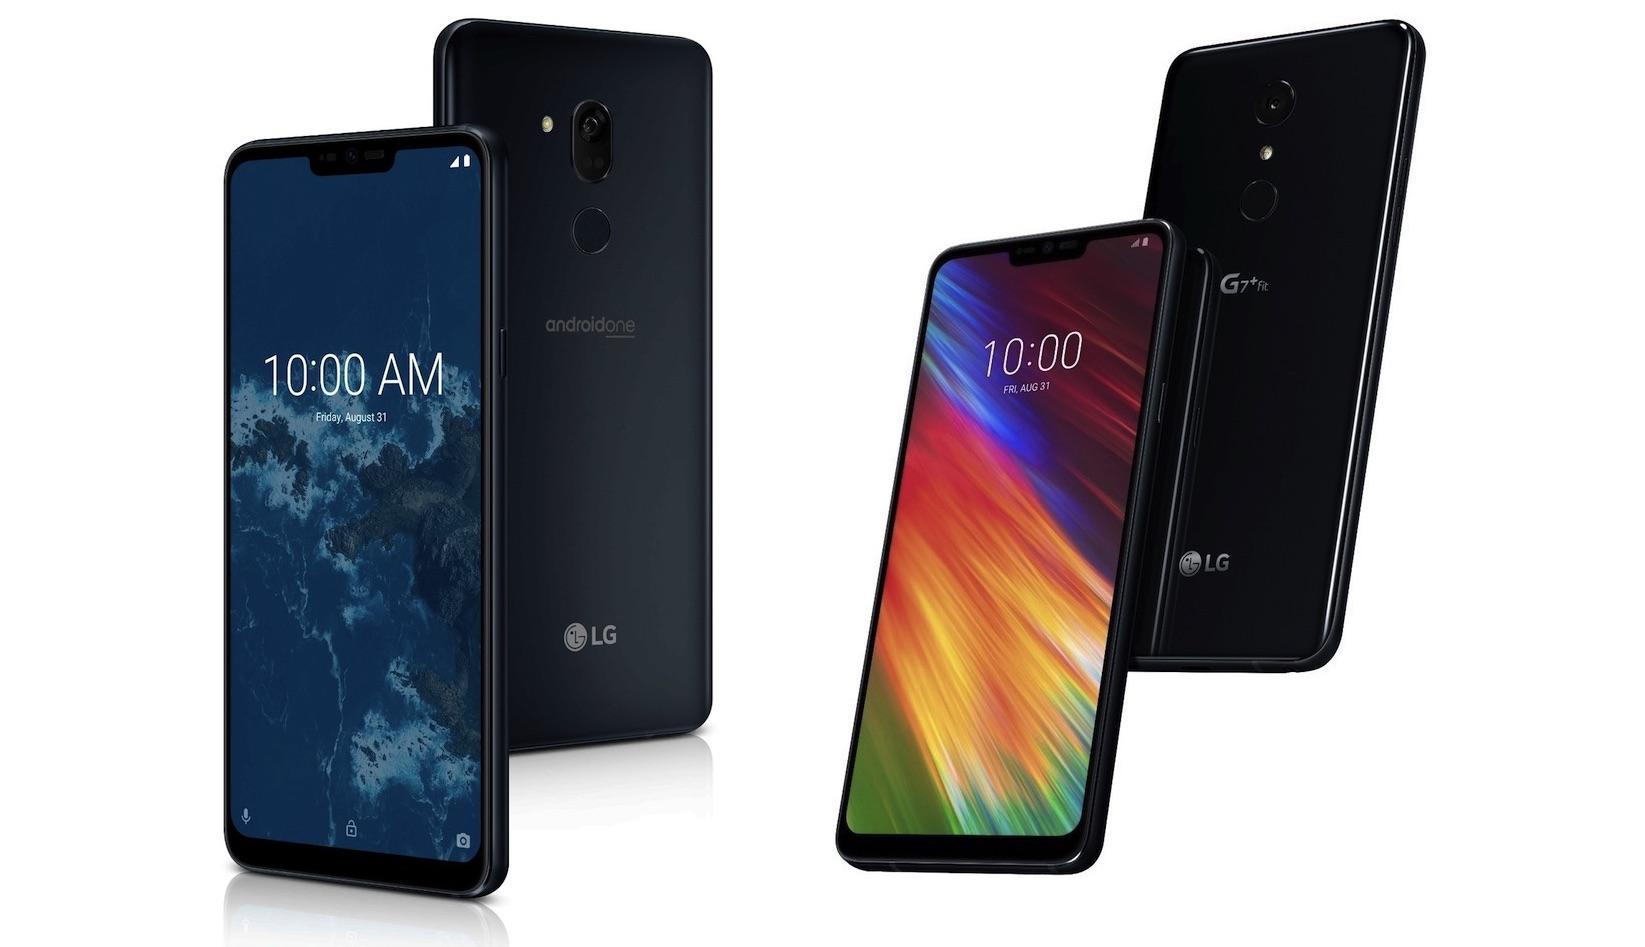 LG-G7-One-LG-G7-Fit.jpg